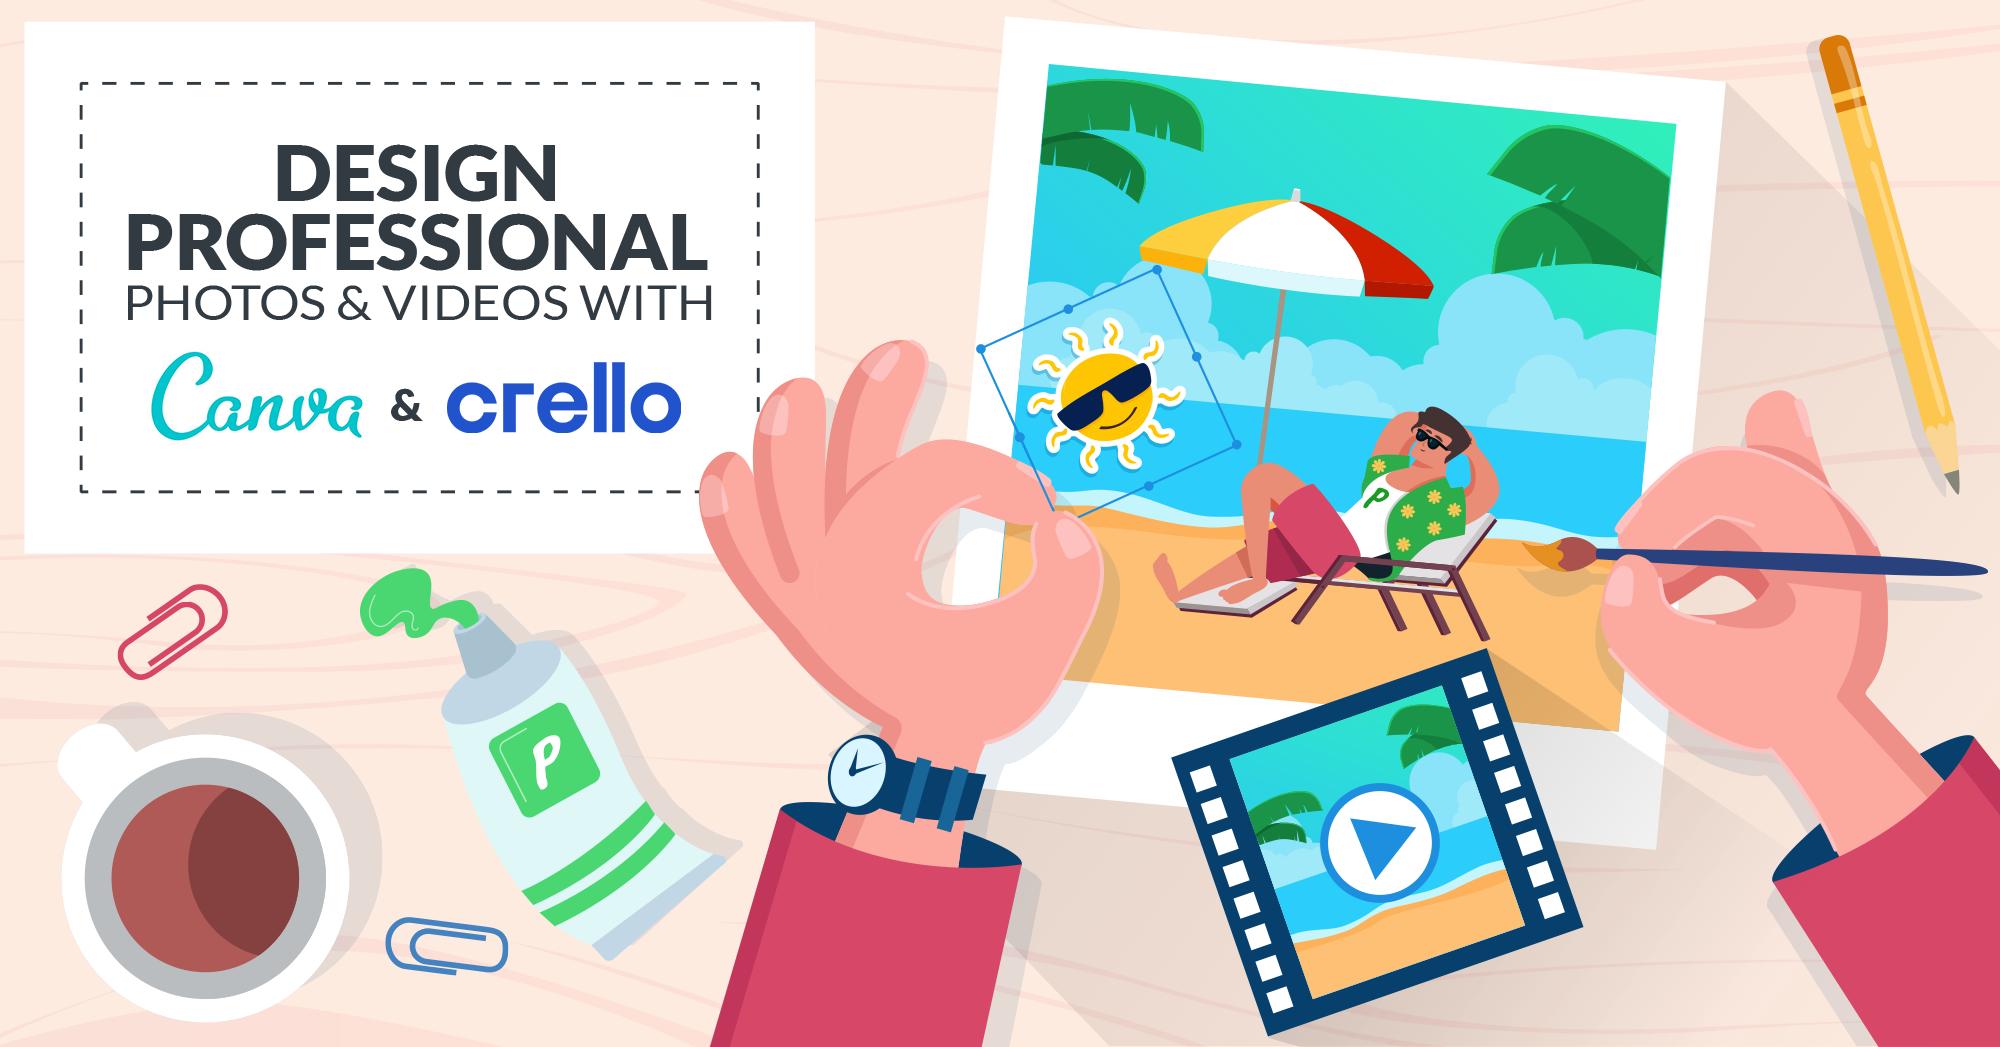 Design Professional Photos & Videos with Canva and Crello